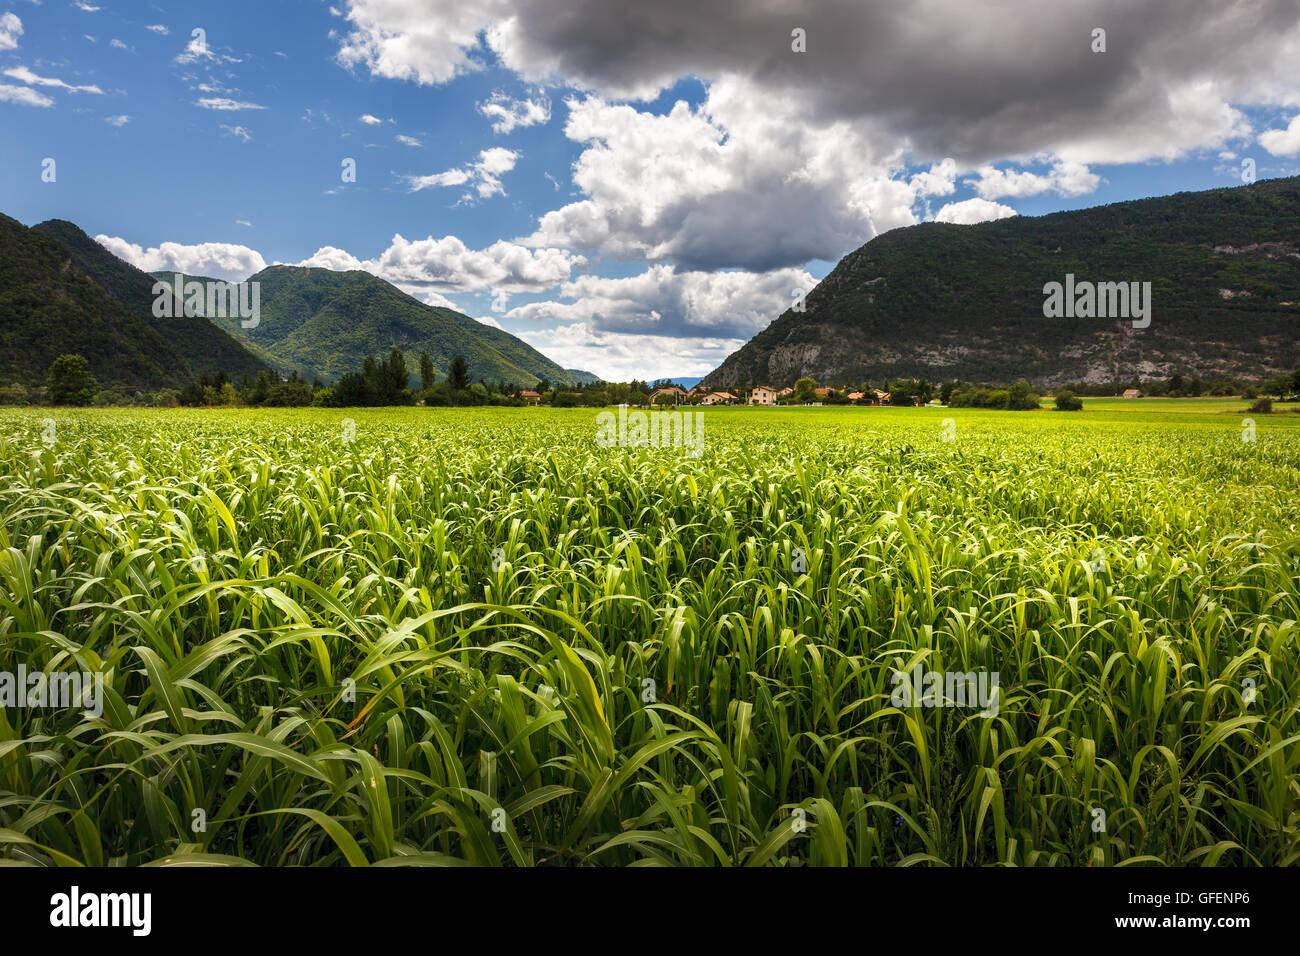 Kornfeld im Sommer in der Nähe von Montmaur, Devoluy Region Hautes Alpes, südlichen französischen Stockbild